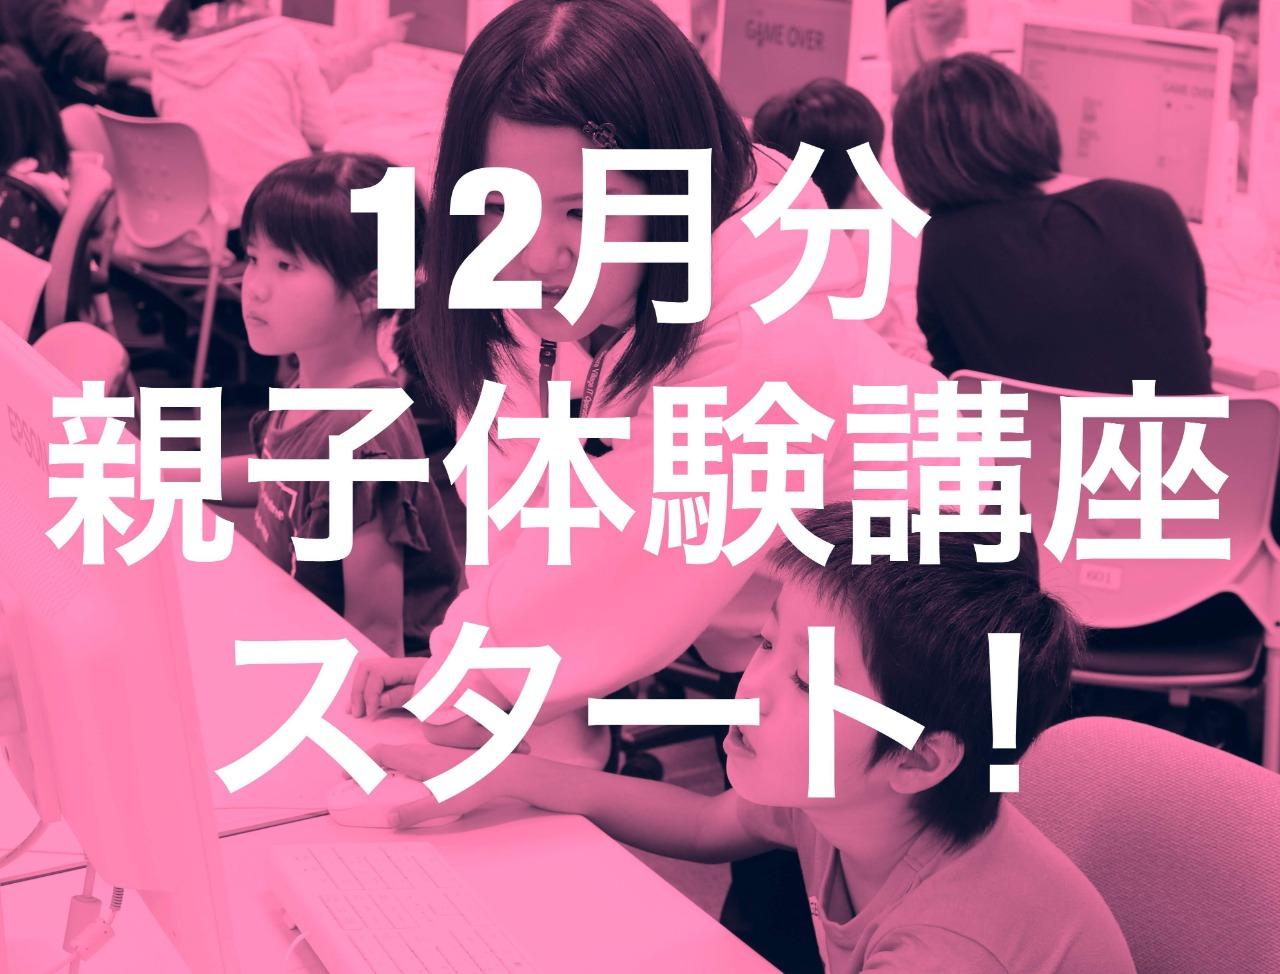 未来のIT人材創造事業_プログラミング教育_沖縄女子短期大学_産学連携推進室_比嘉勇太